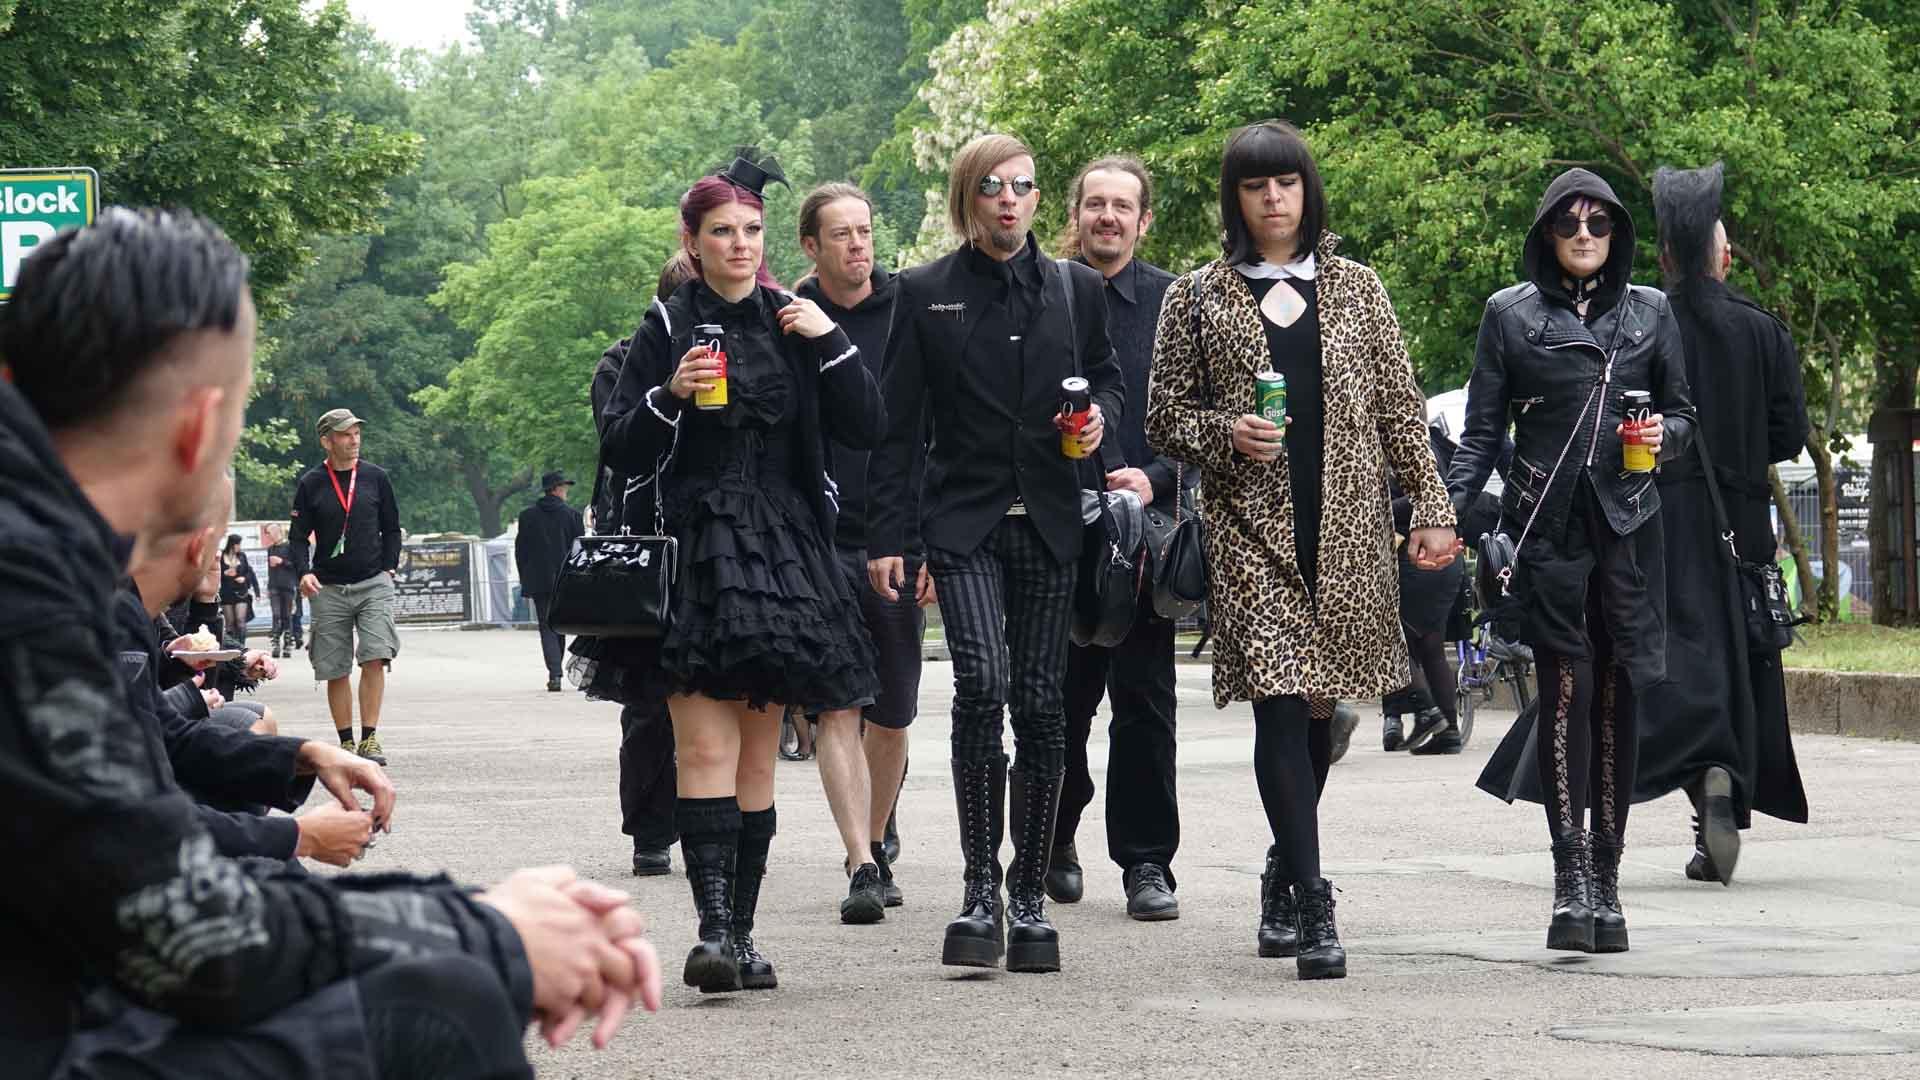 """Am Pfingstwochenende """"färbt"""" sich Leipzig schwarz durch die Fans des WGT. An 50 Orten, über die ganze Stadt verteilt, treten 200 Bands und Künstler auf."""